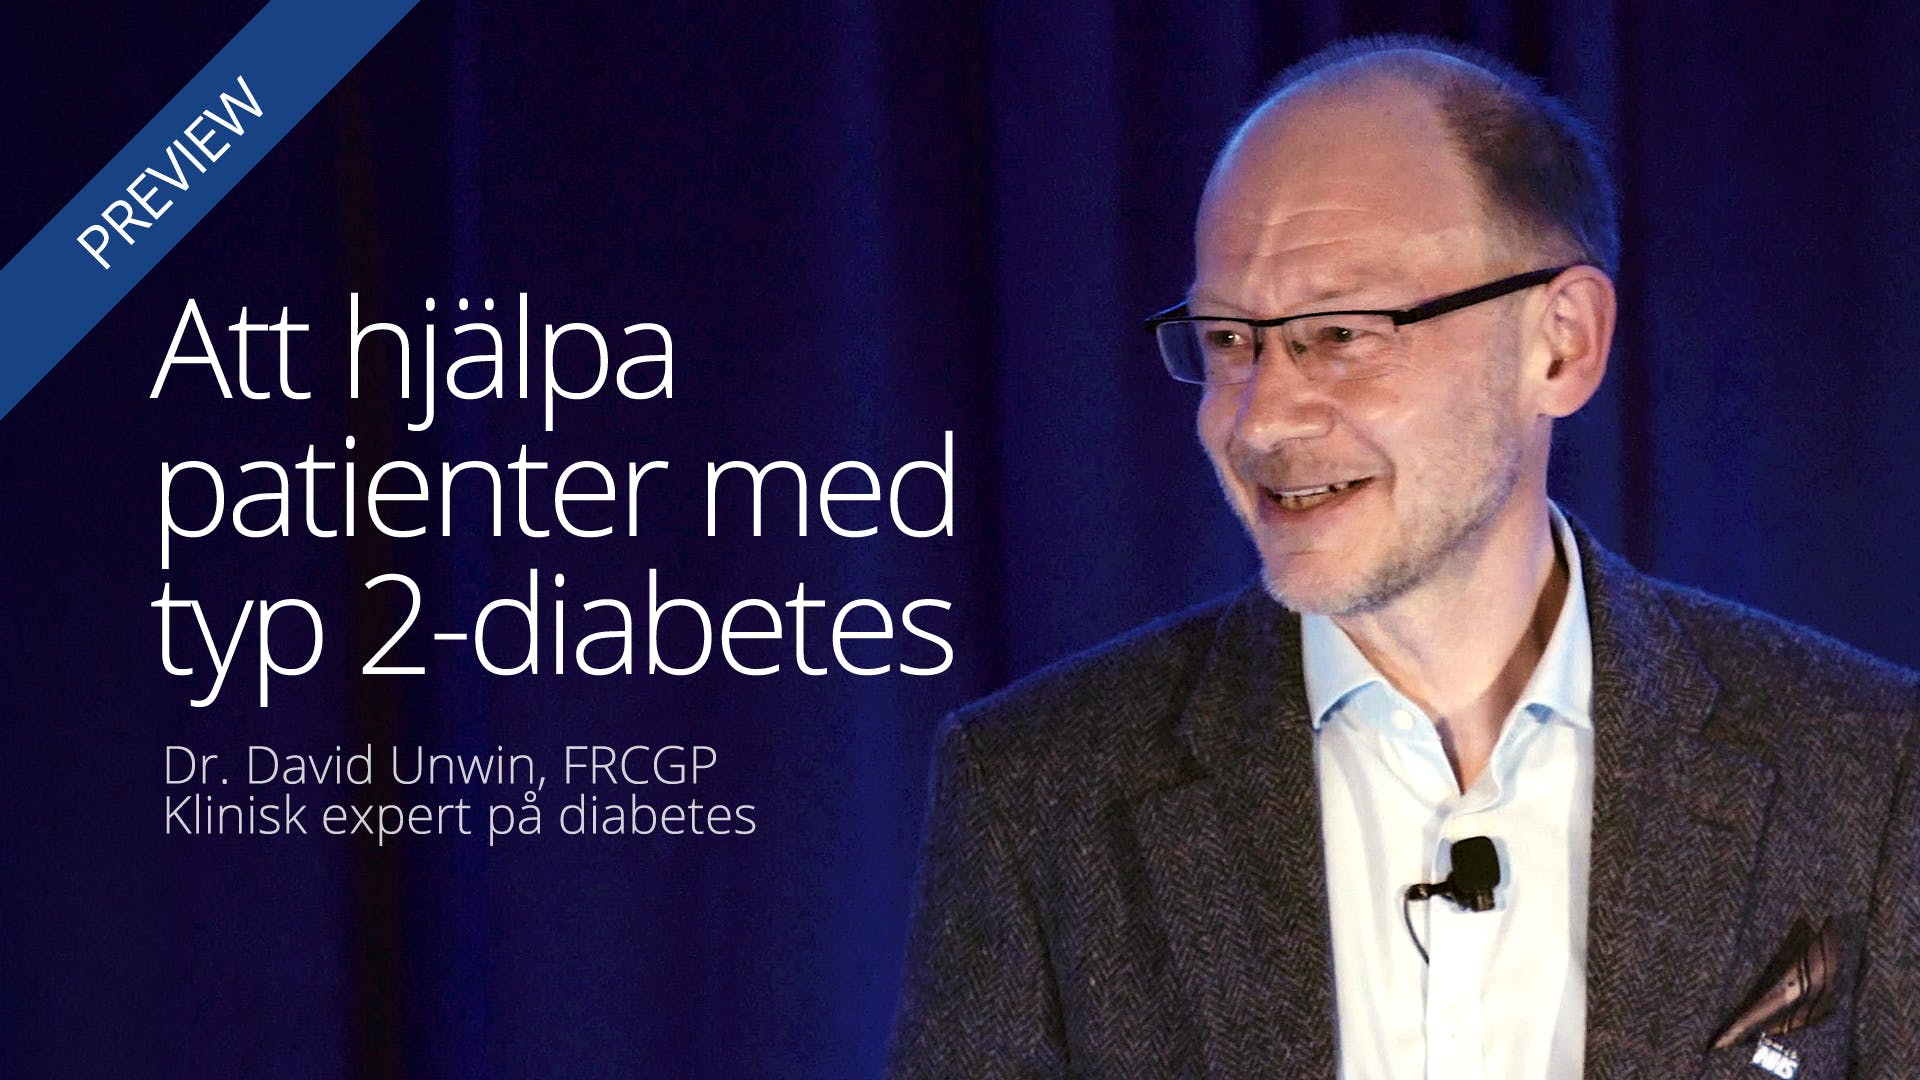 Att hjälpa patienter med typ 2-diabetes